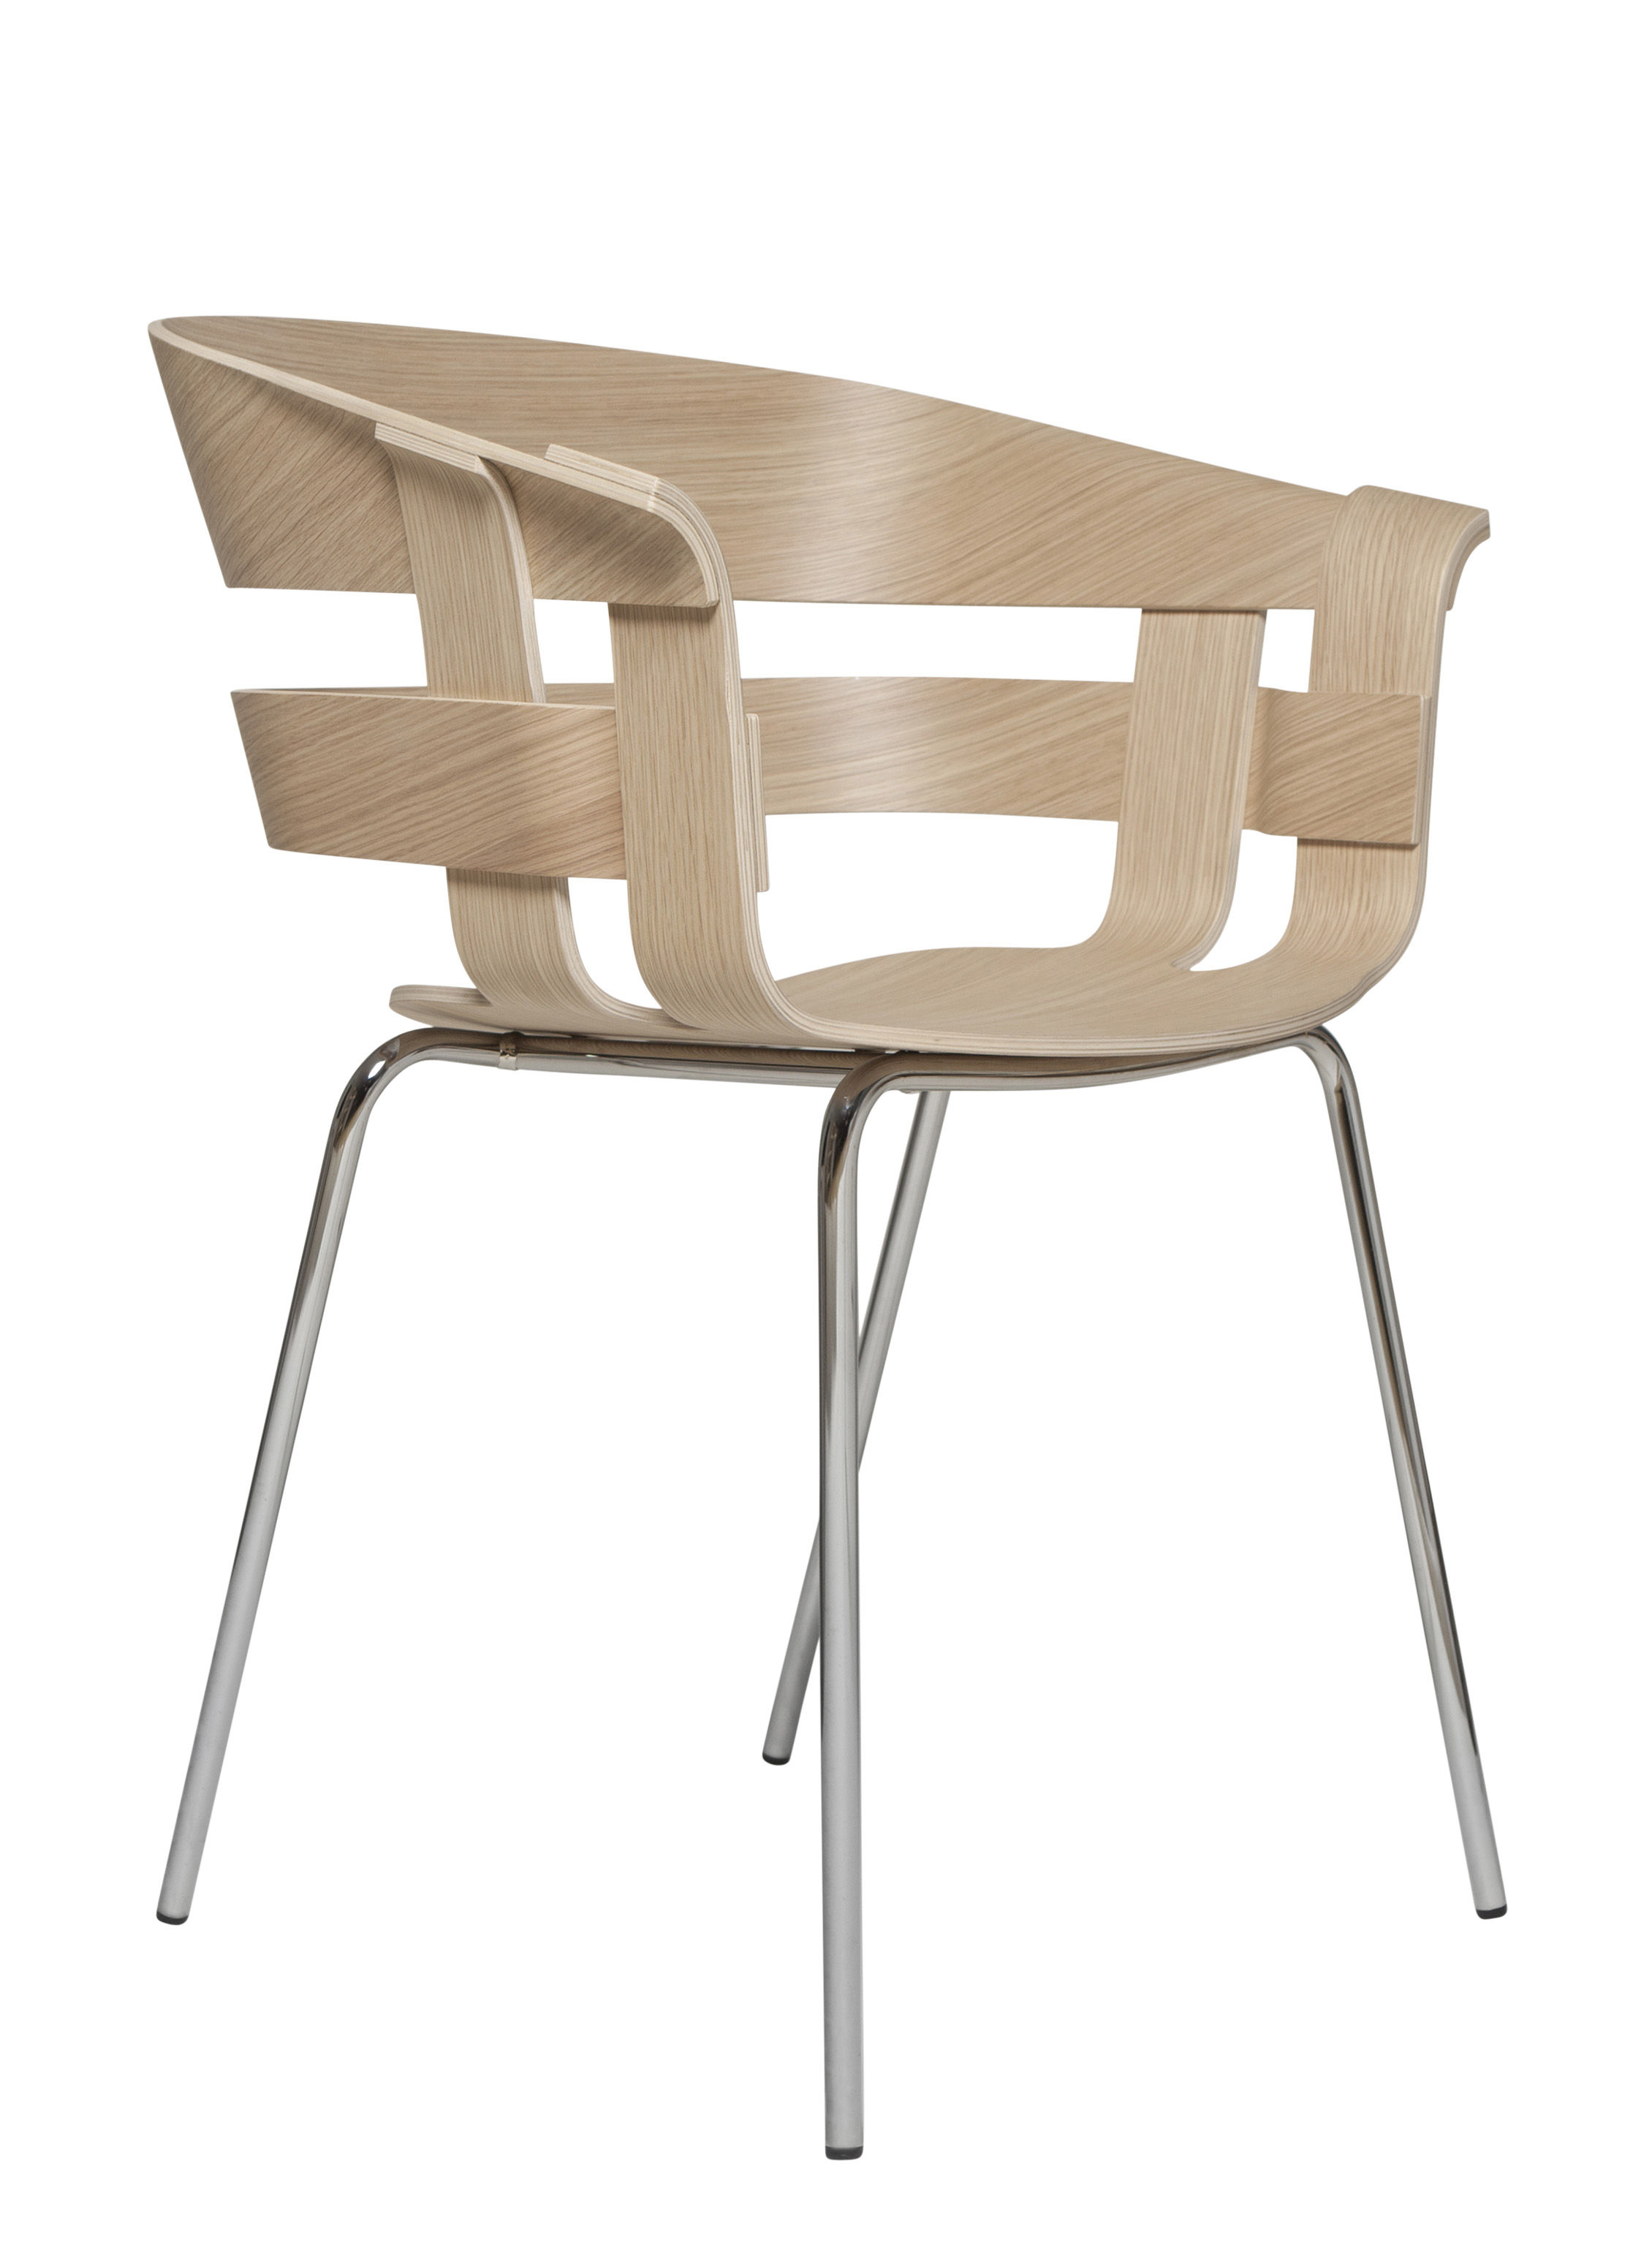 Mobilier - Chaises, fauteuils de salle à manger - Fauteuil Wick / 4 pieds - Design House Stockholm - Chêne naturel / Pieds chromés - Acier chromé, Placage de chêne